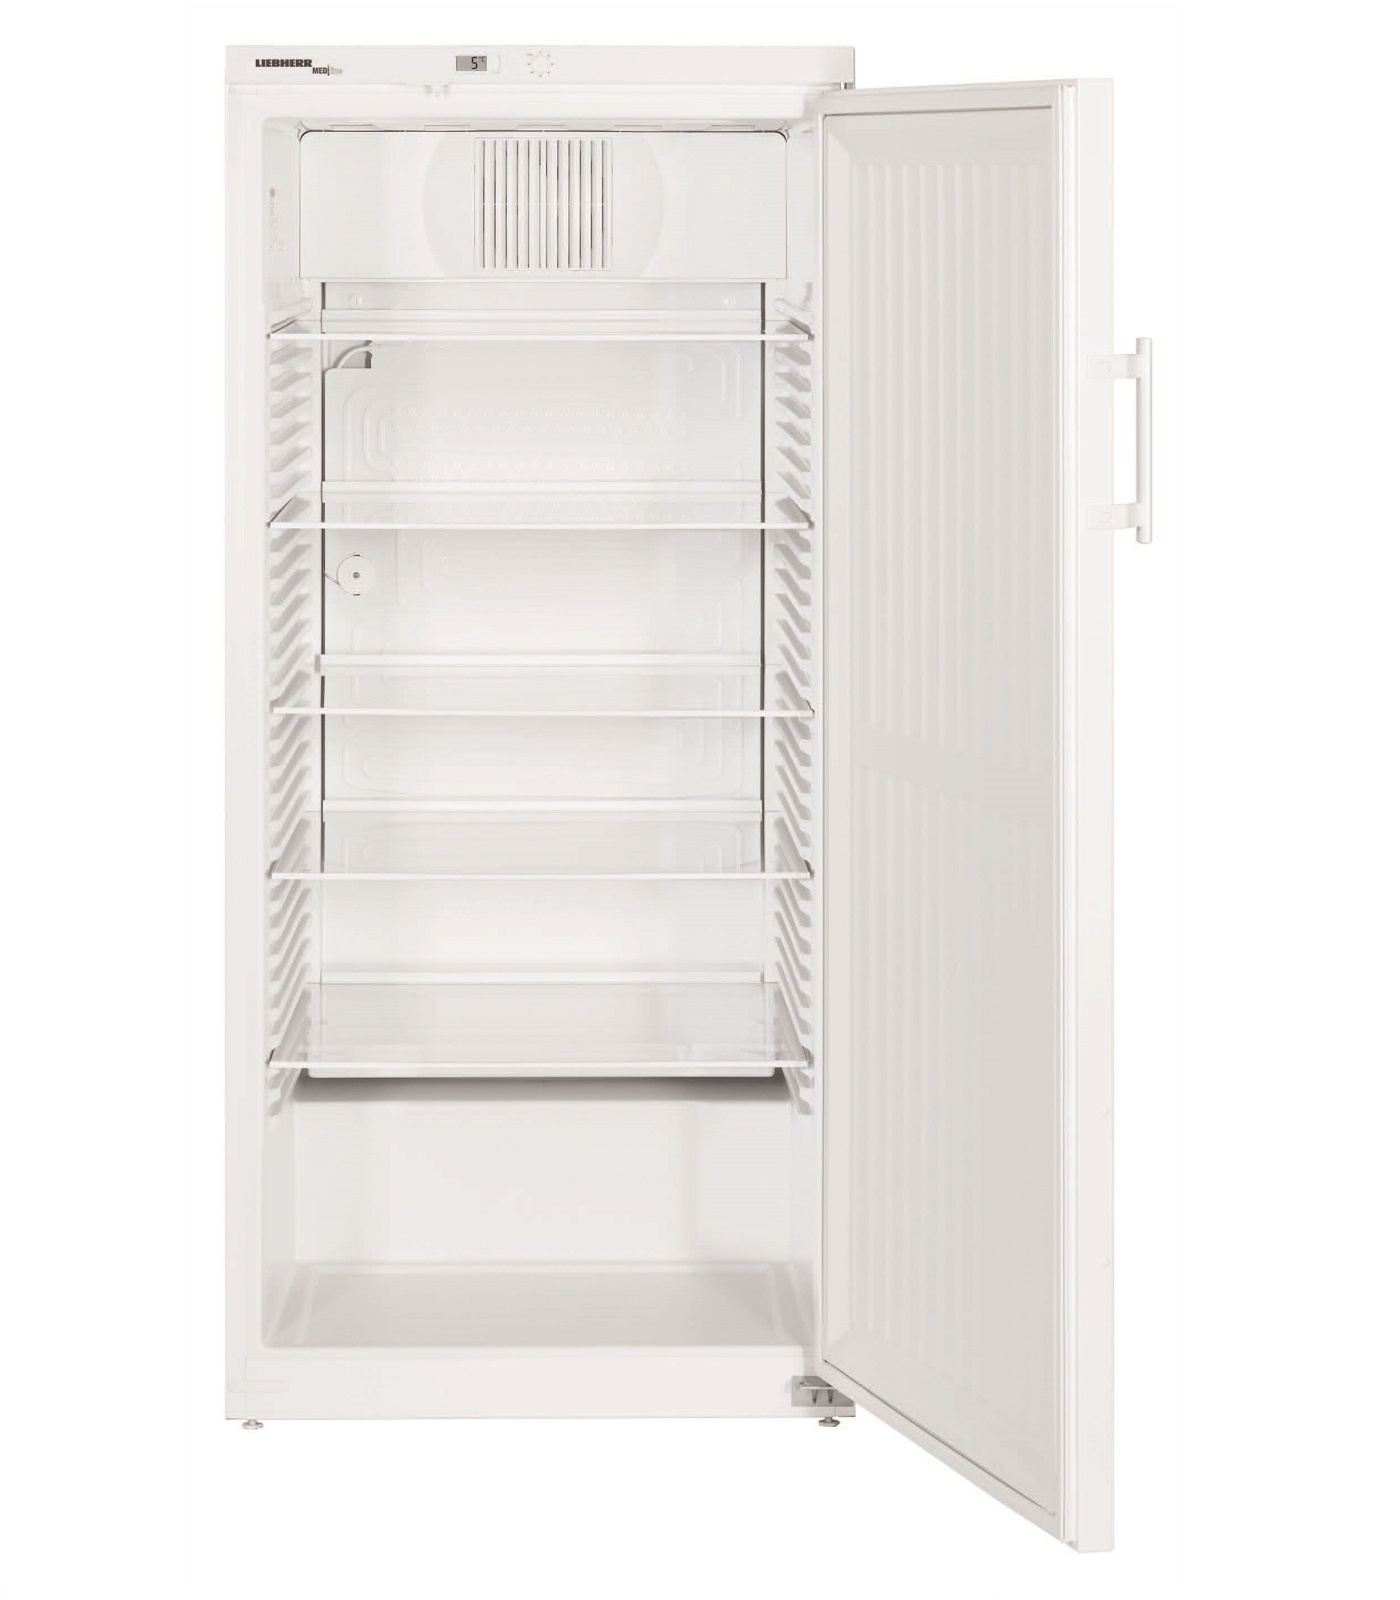 Лабораторный холодильный шкаф Liebherr LKexv 5400 купить украина